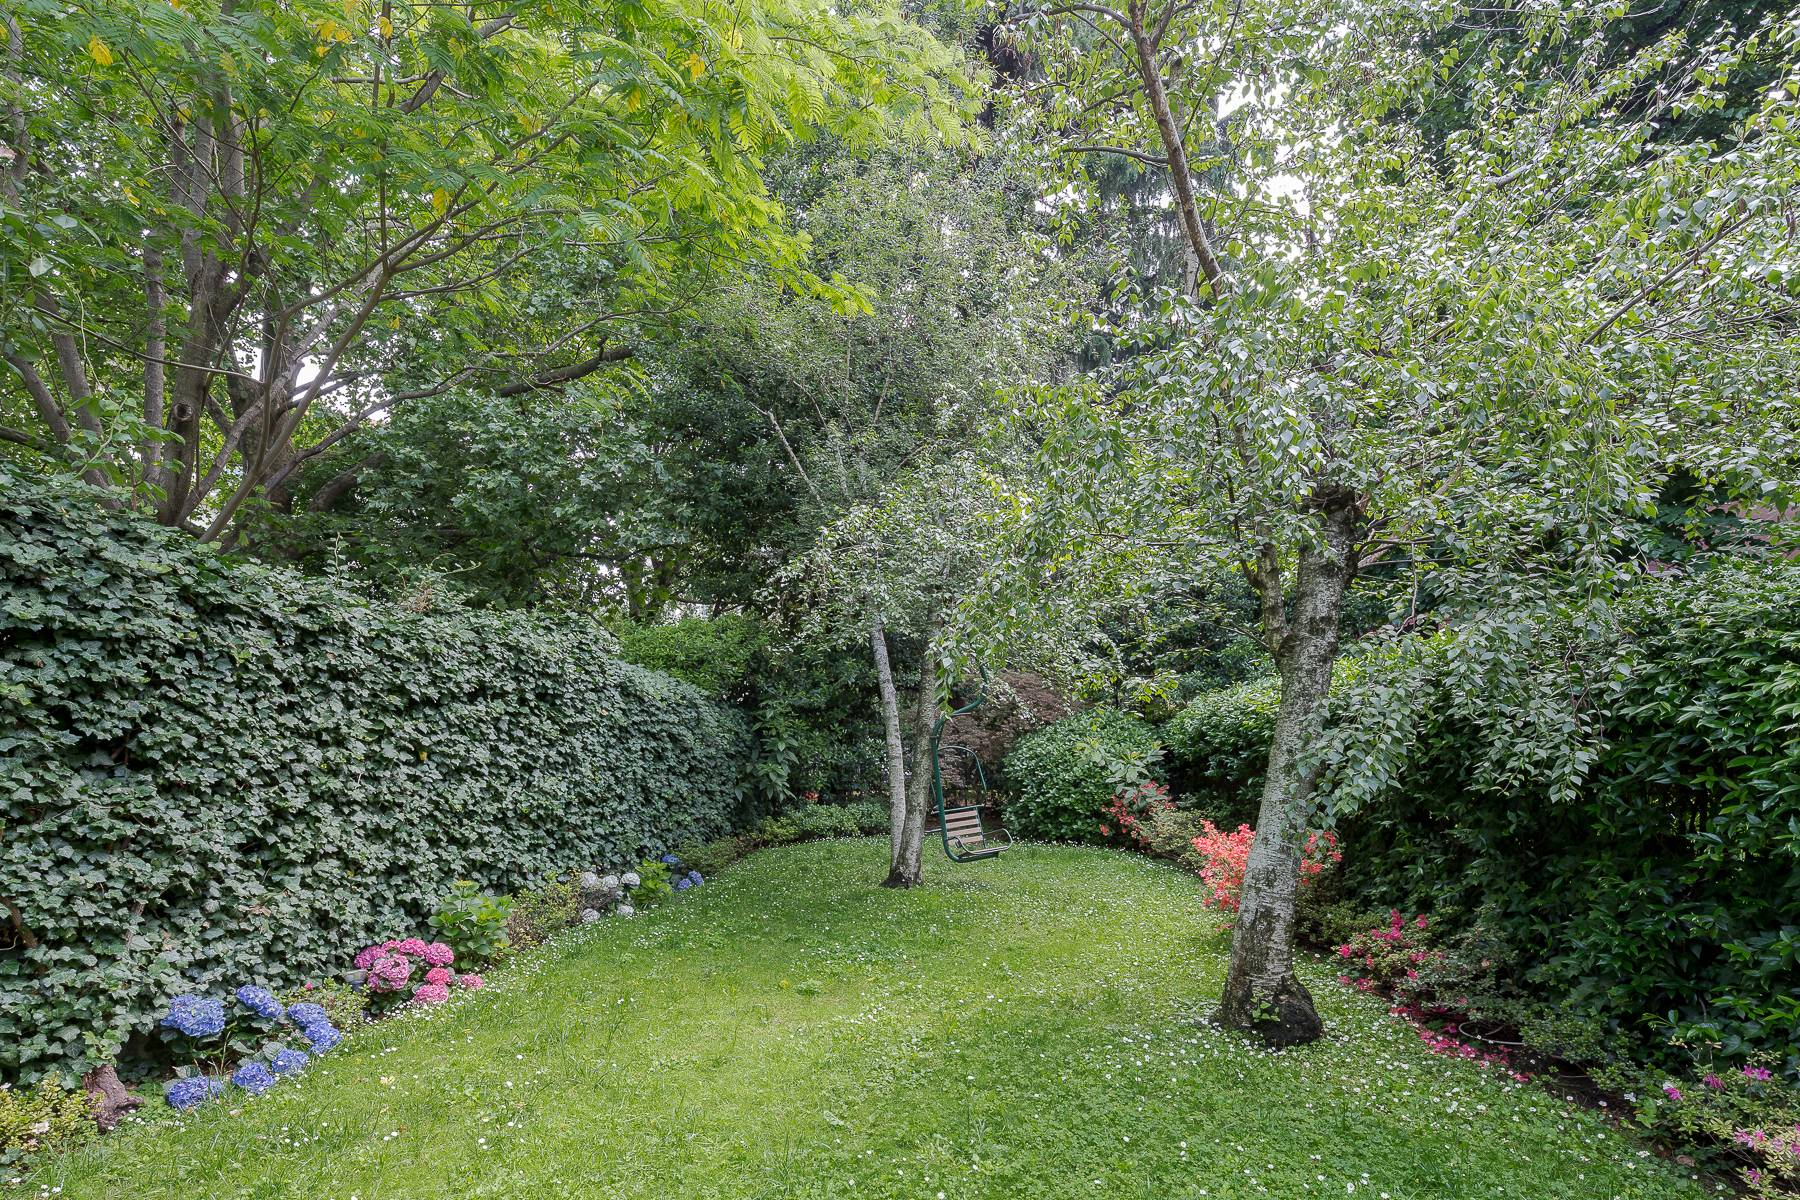 Villa in Affitto a Milano 17 Marghera / Wagner / Fiera: 5 locali, 285 mq